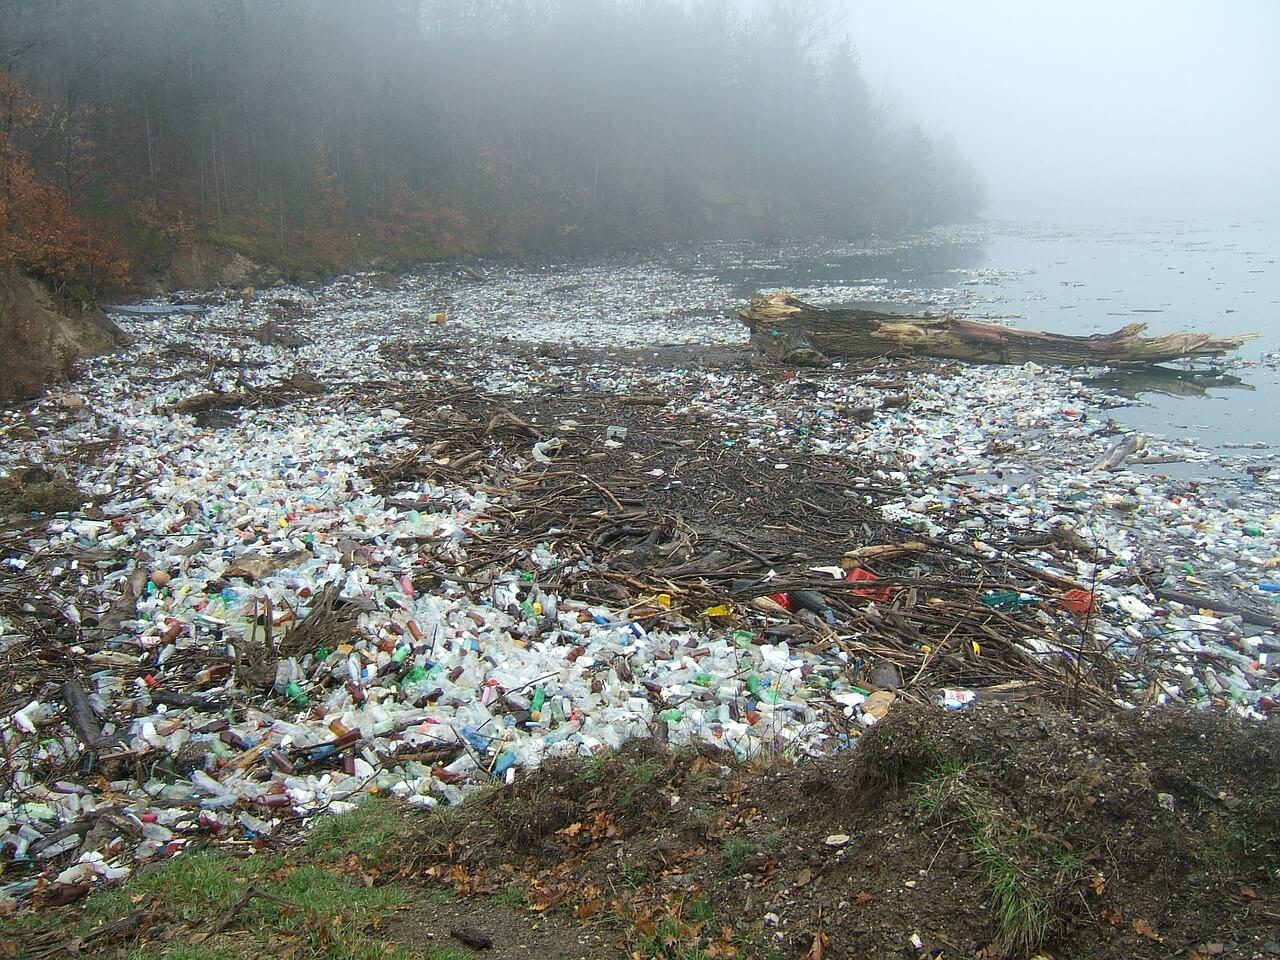 krajobraz skażony odpadami